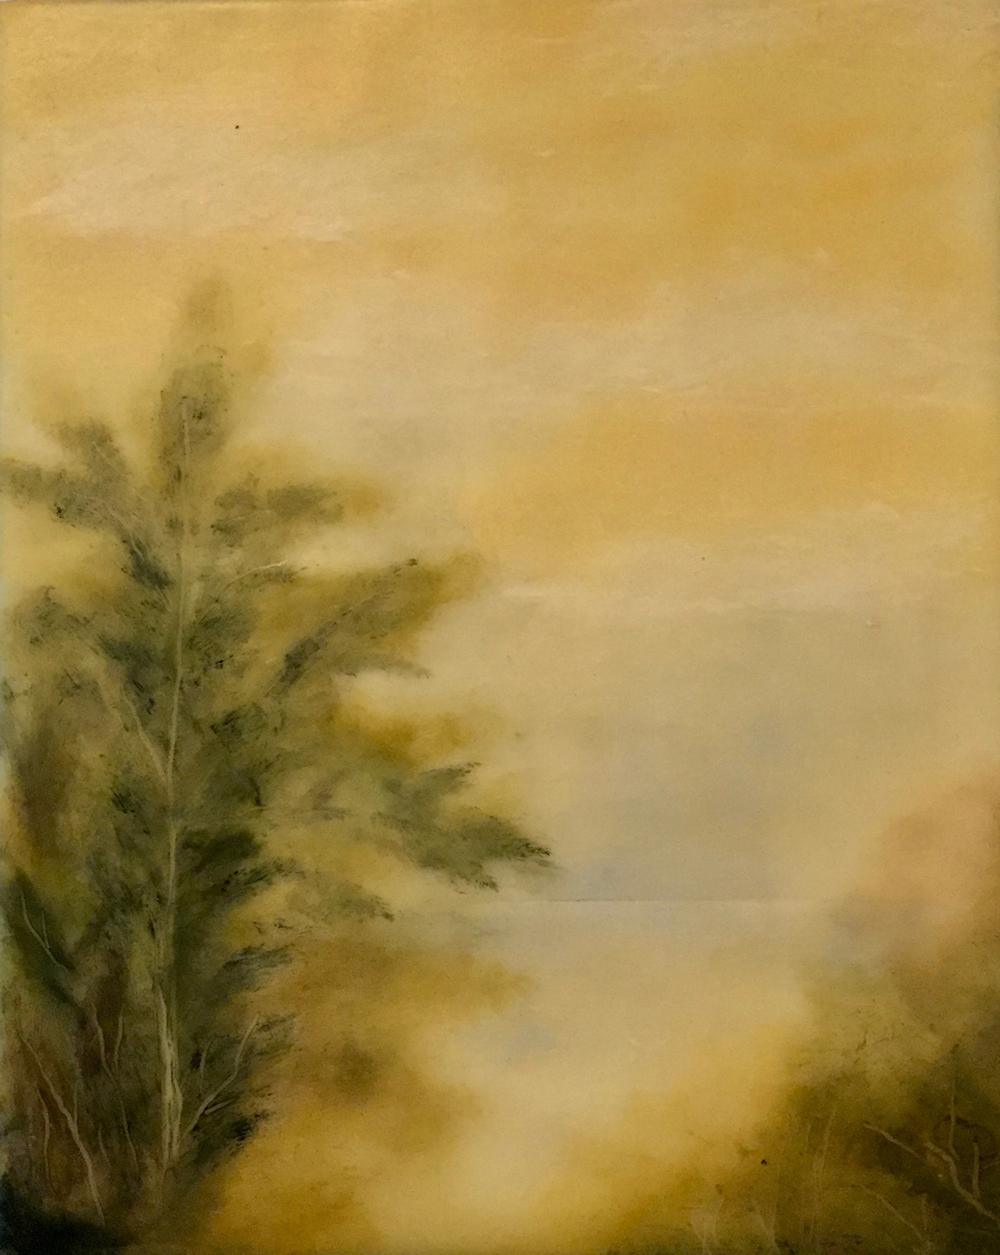 Pale Horizon ~ 8x10